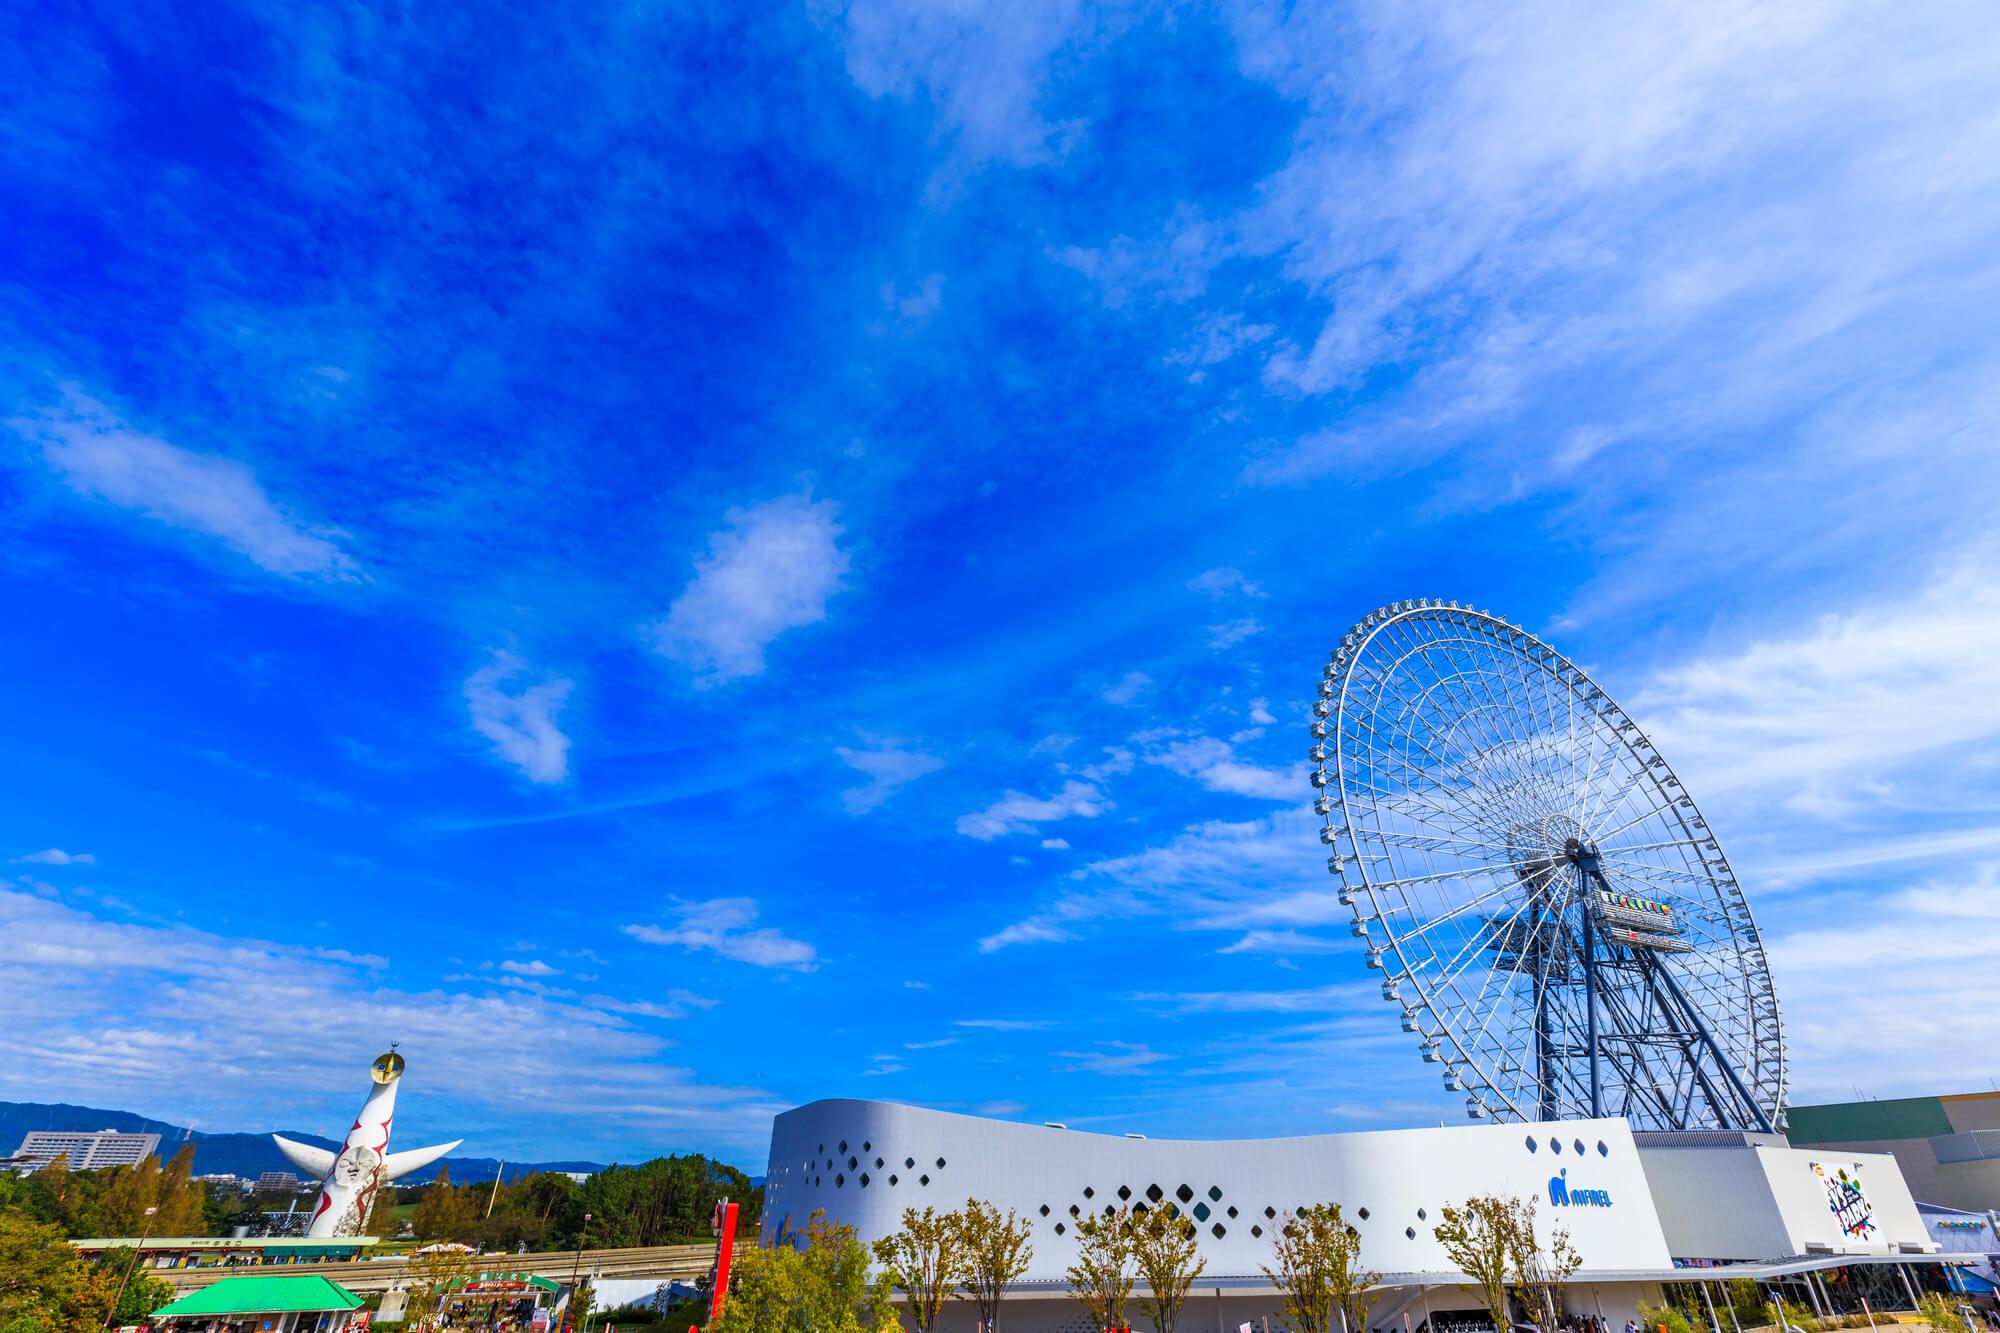 万博公園と大阪エキスポシティ